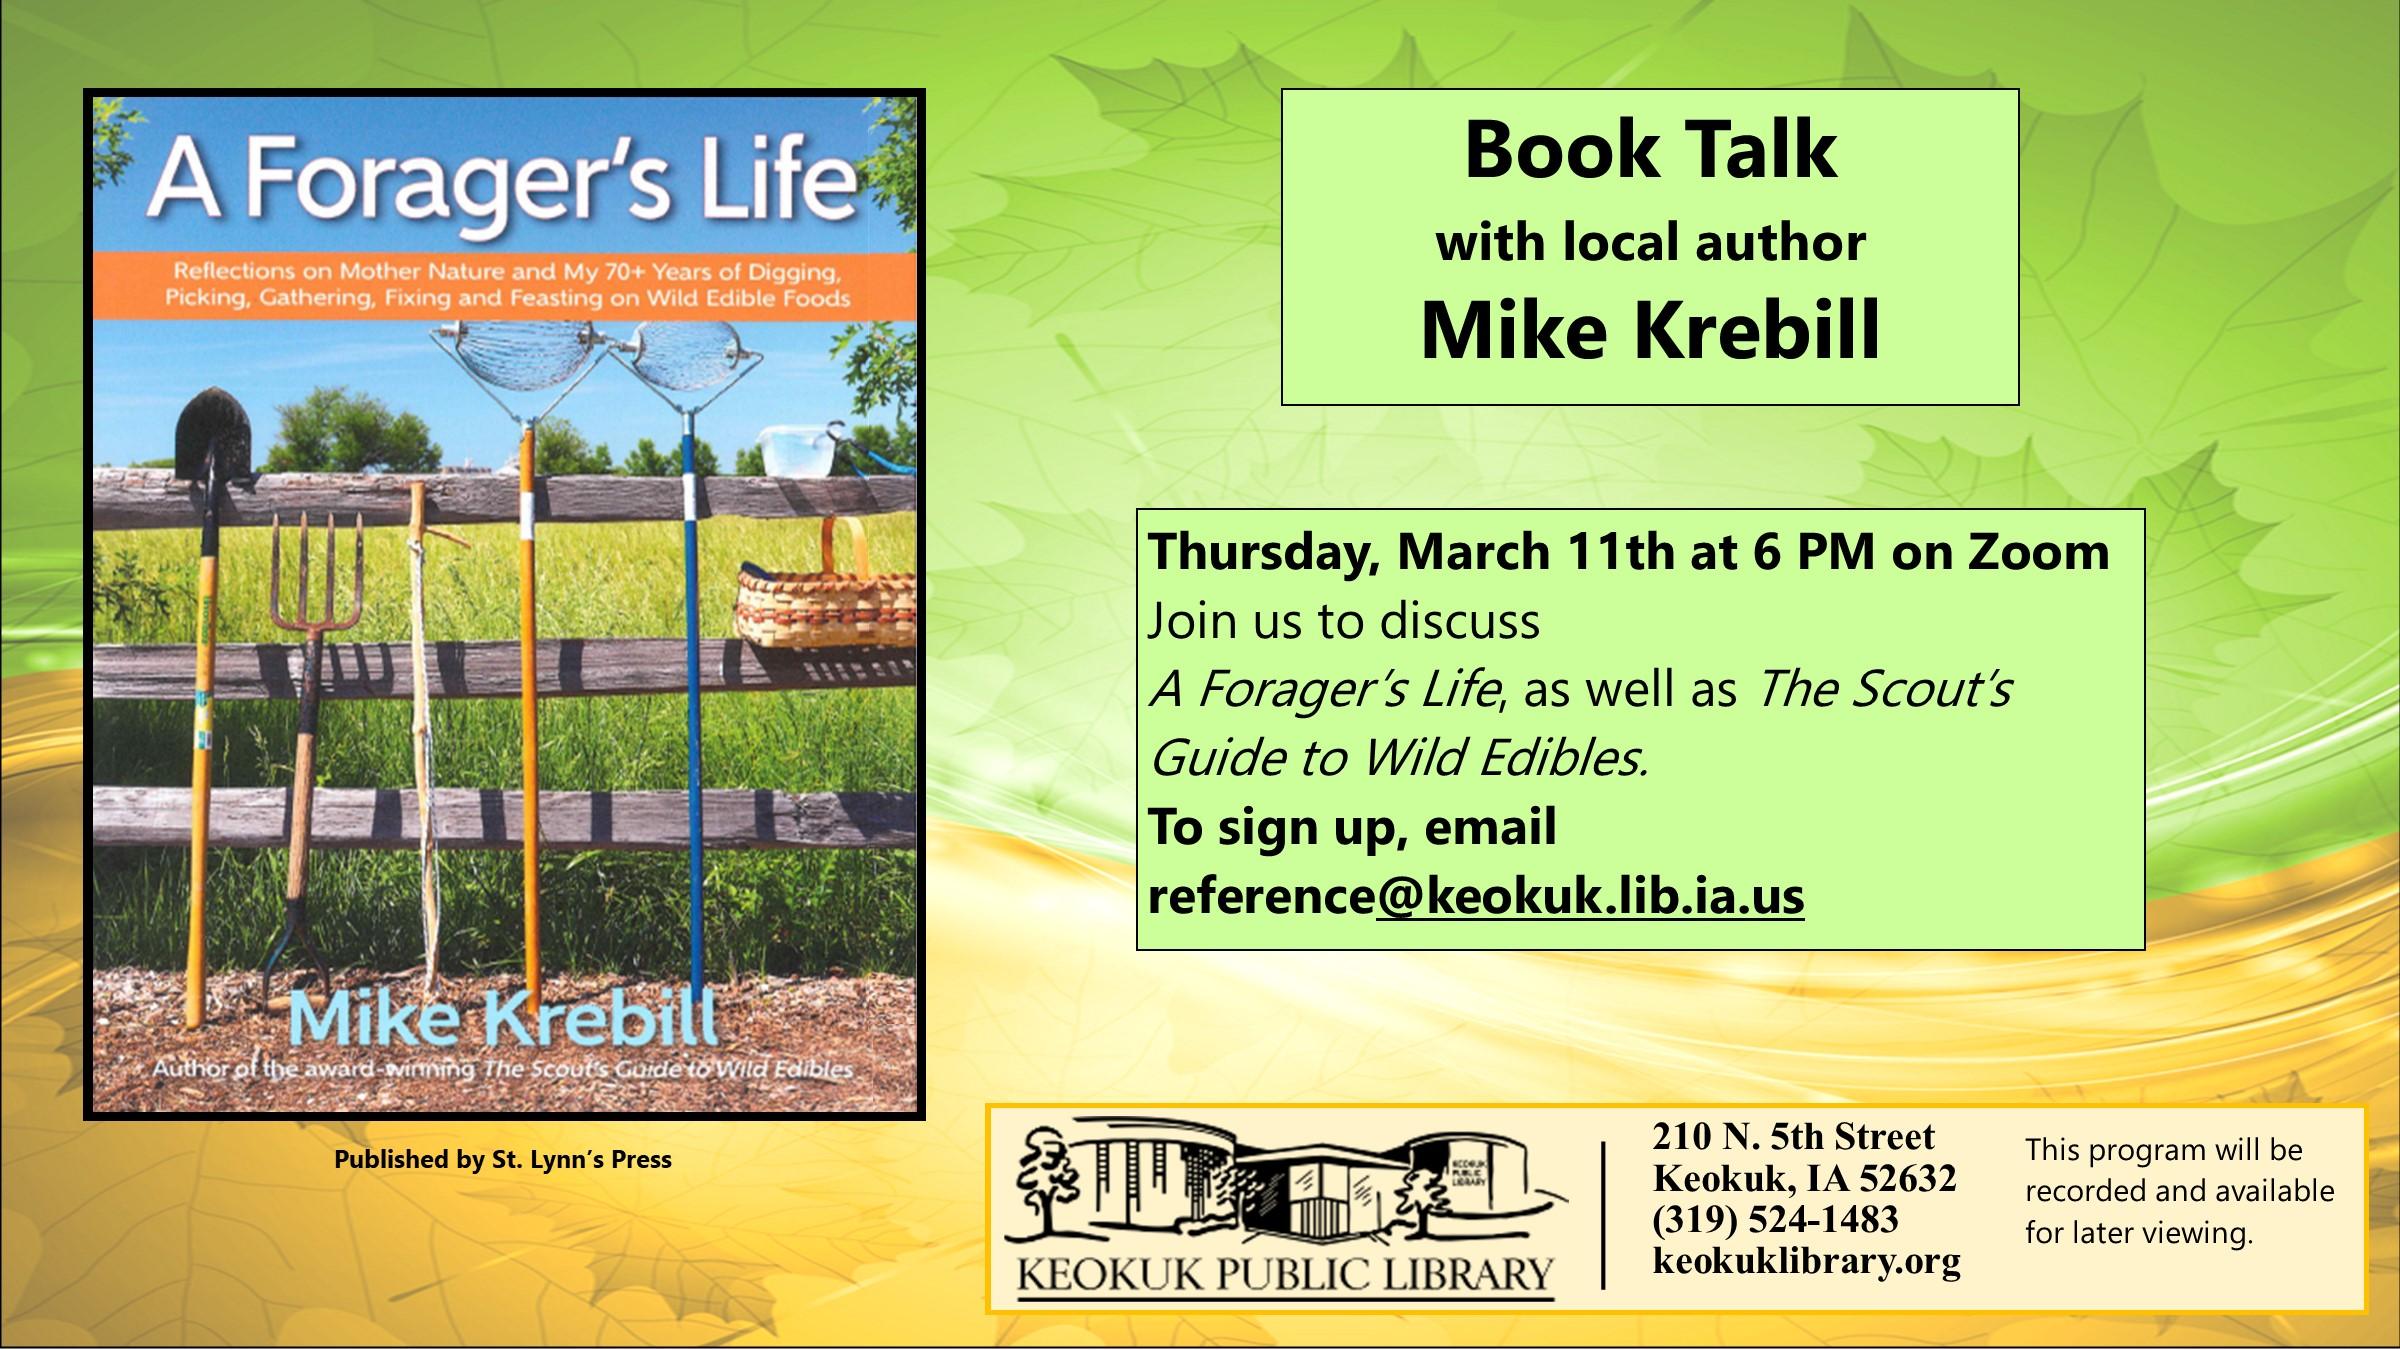 Book Talk with Mike Krebill